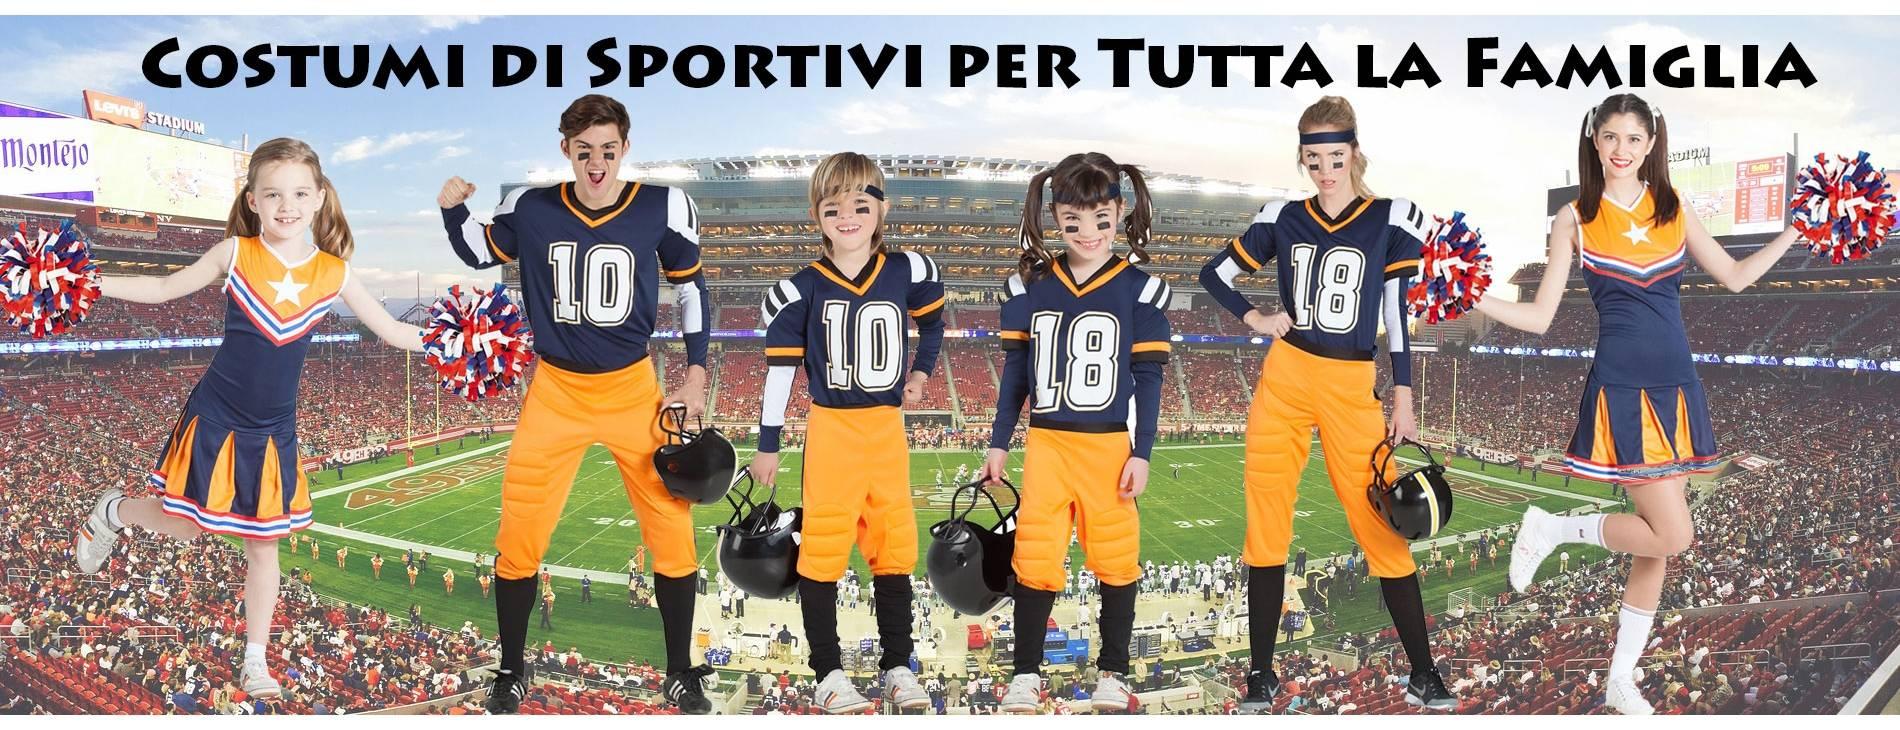 Costumi di Sportivi per Tutta la Famiglia